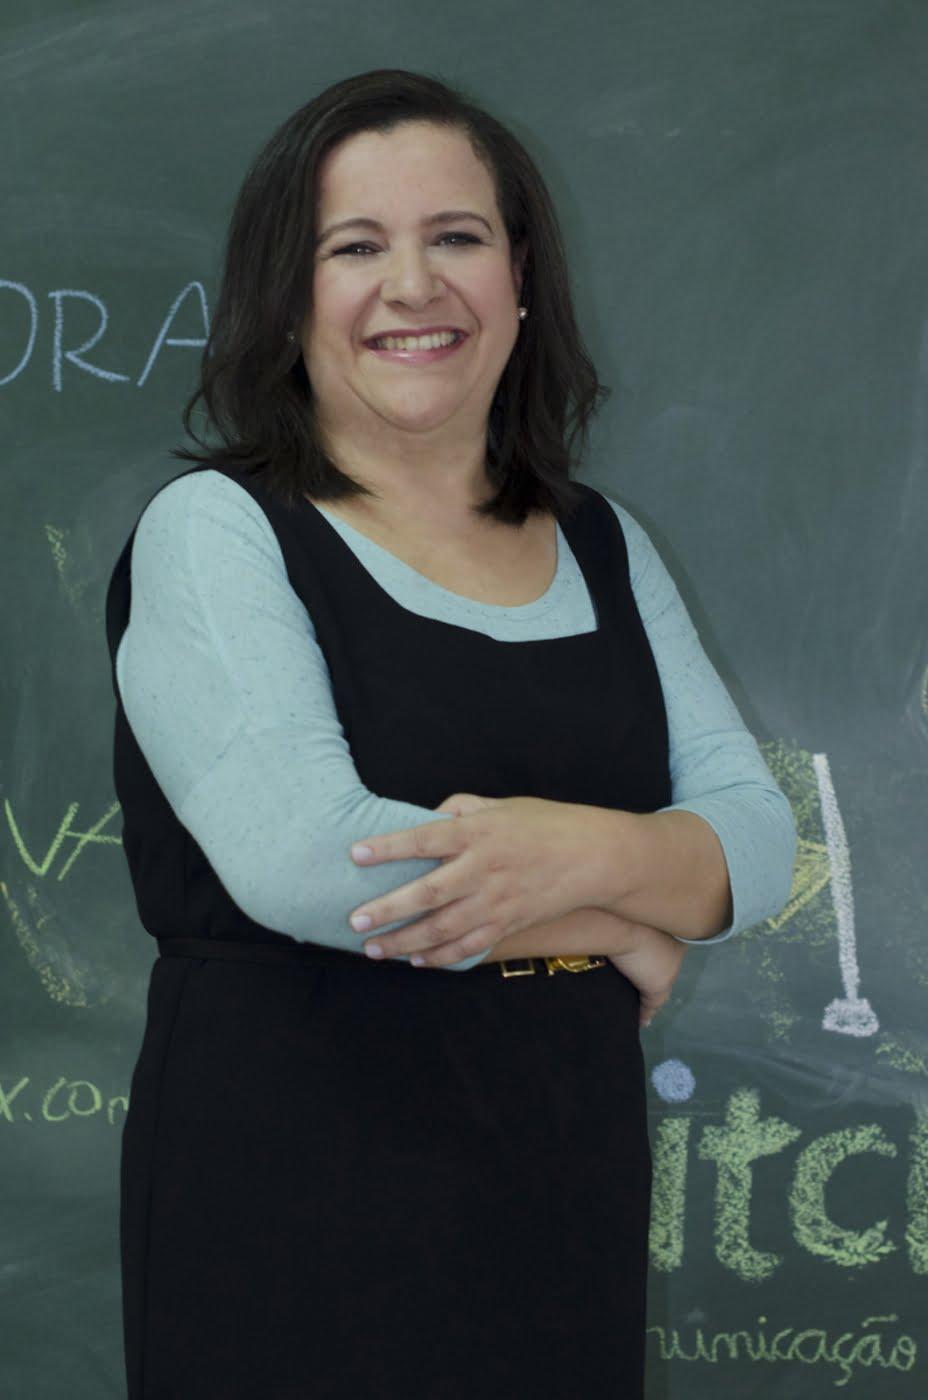 Ana Fontes criou uma plataforma digital, e de eventos presenciais, feita para promover o networking e o empoderamento de mulheres que querem ser donas do próprio nariz